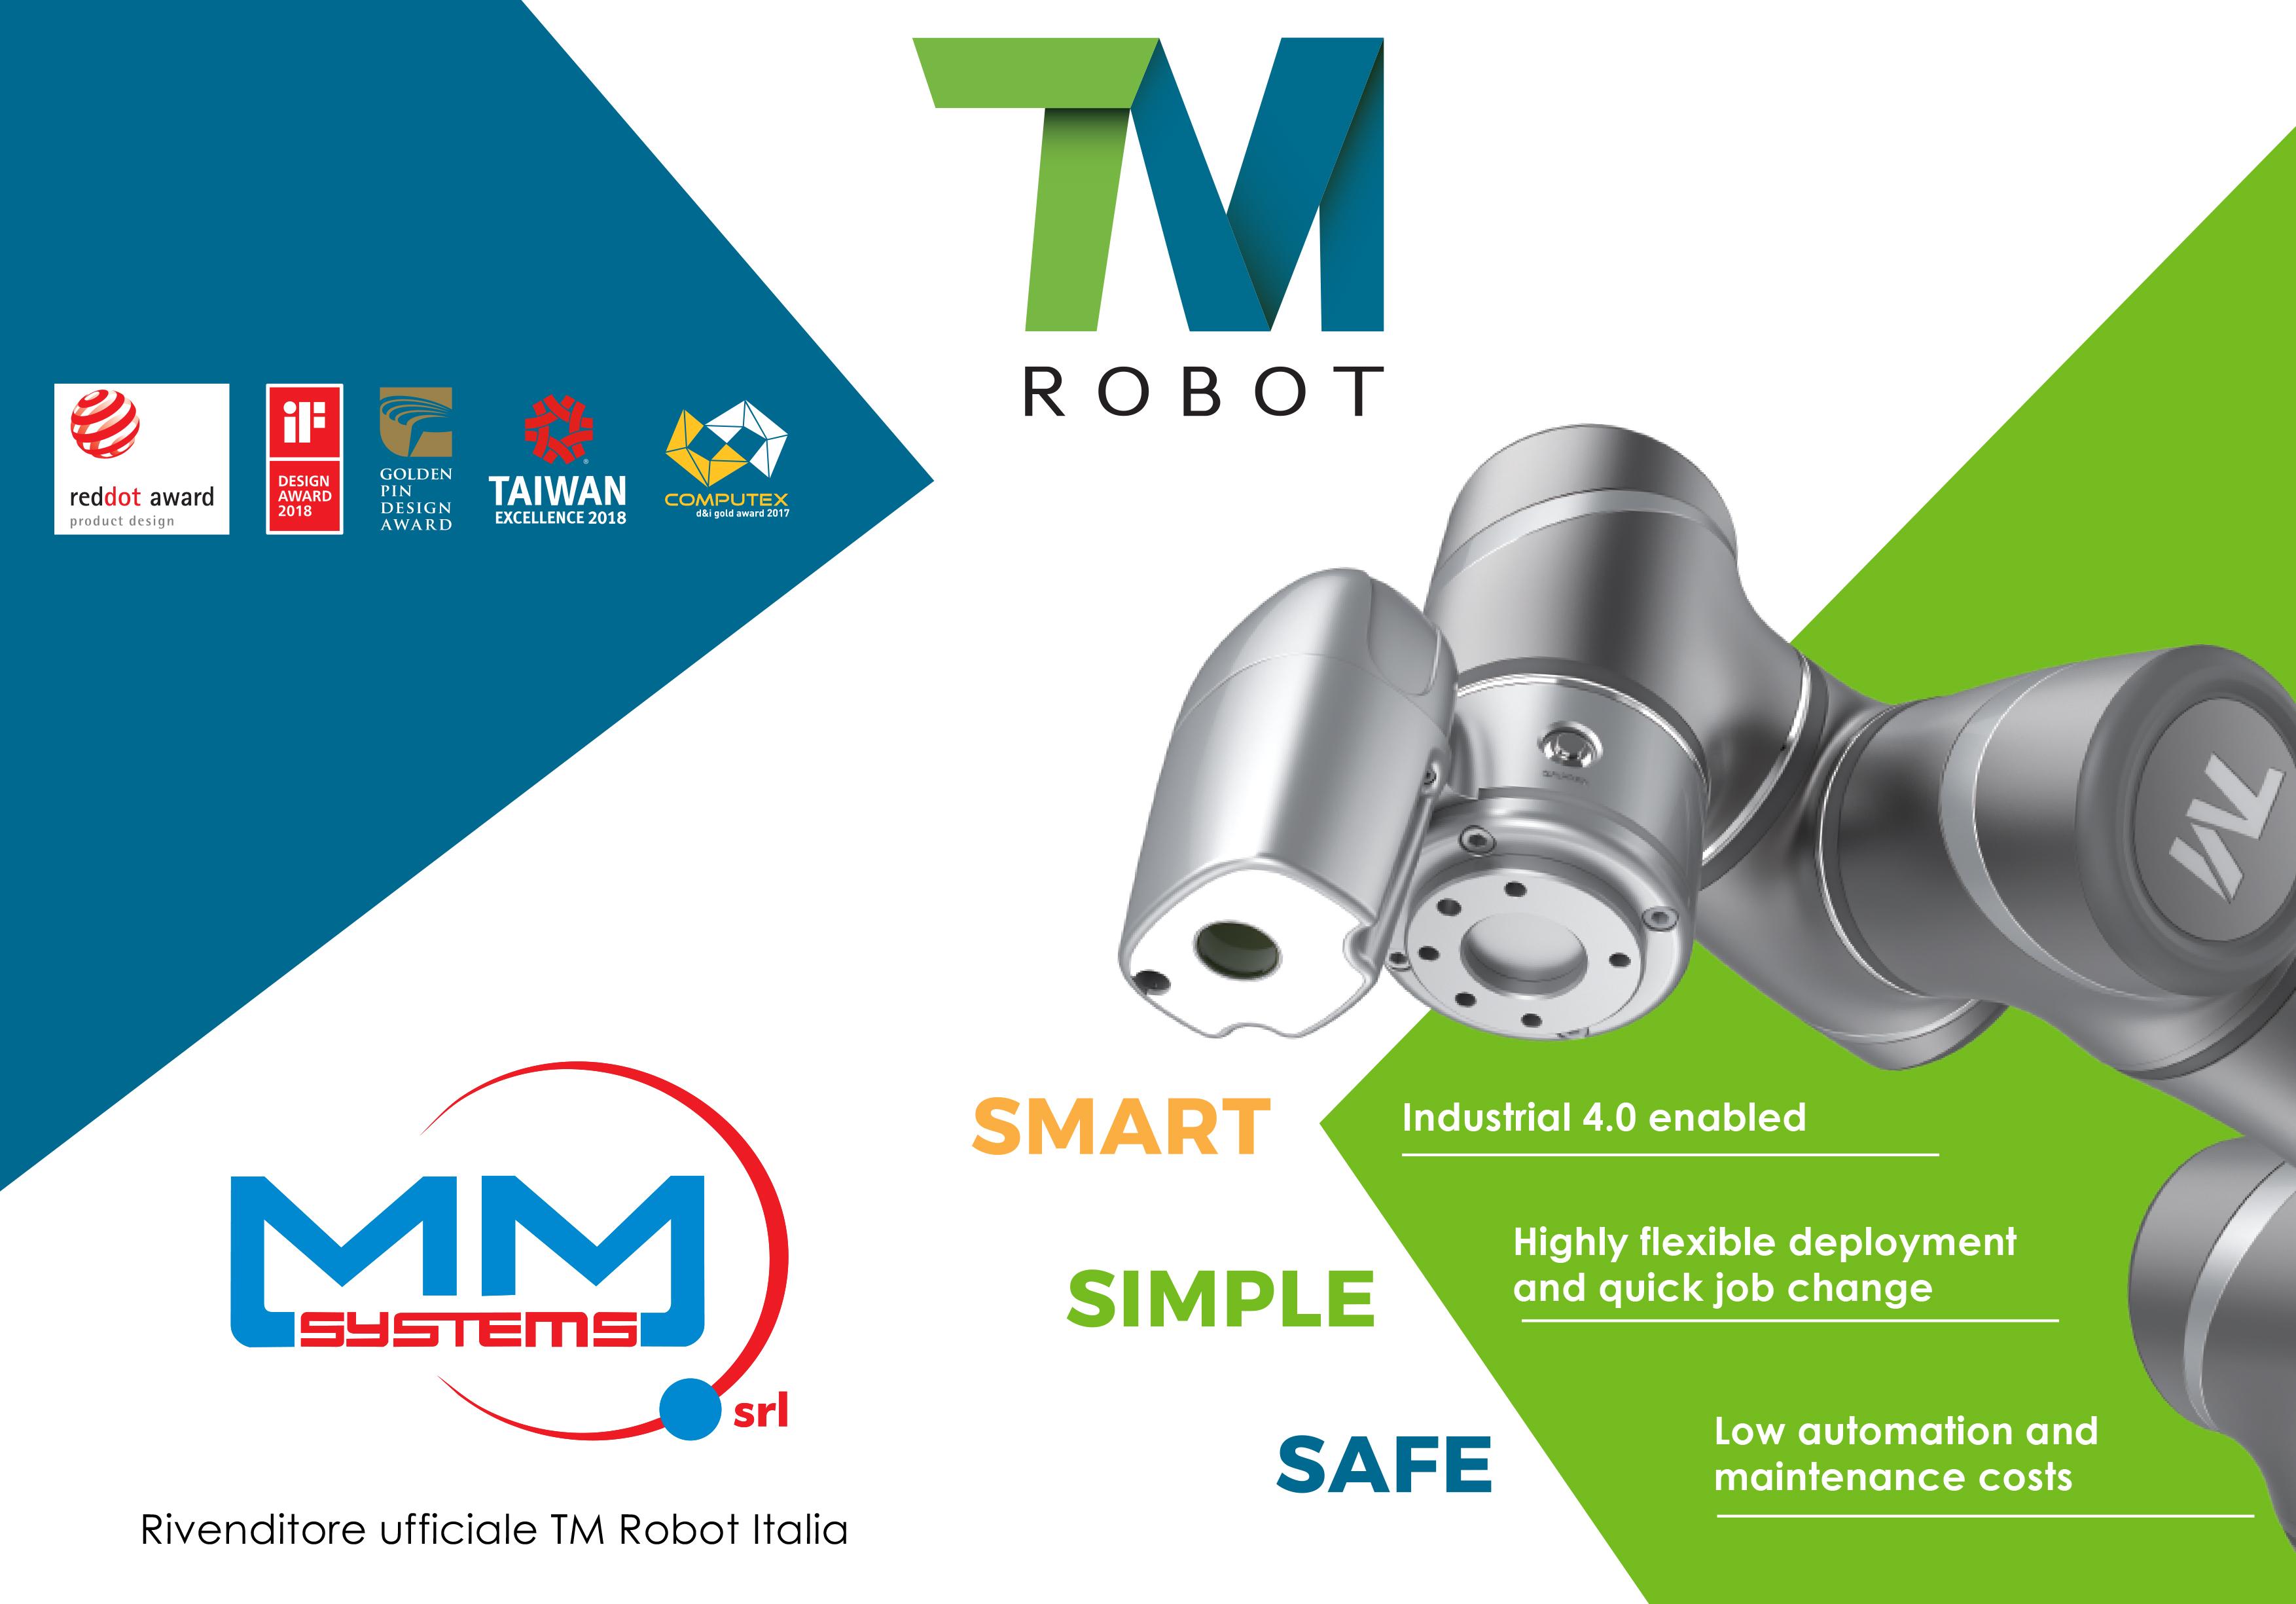 LA M.M. SYSTEMS  RIVENDITORE UFFICIALE DEI ROBOT COLLABORATIVI DELLA  TM ROBOT